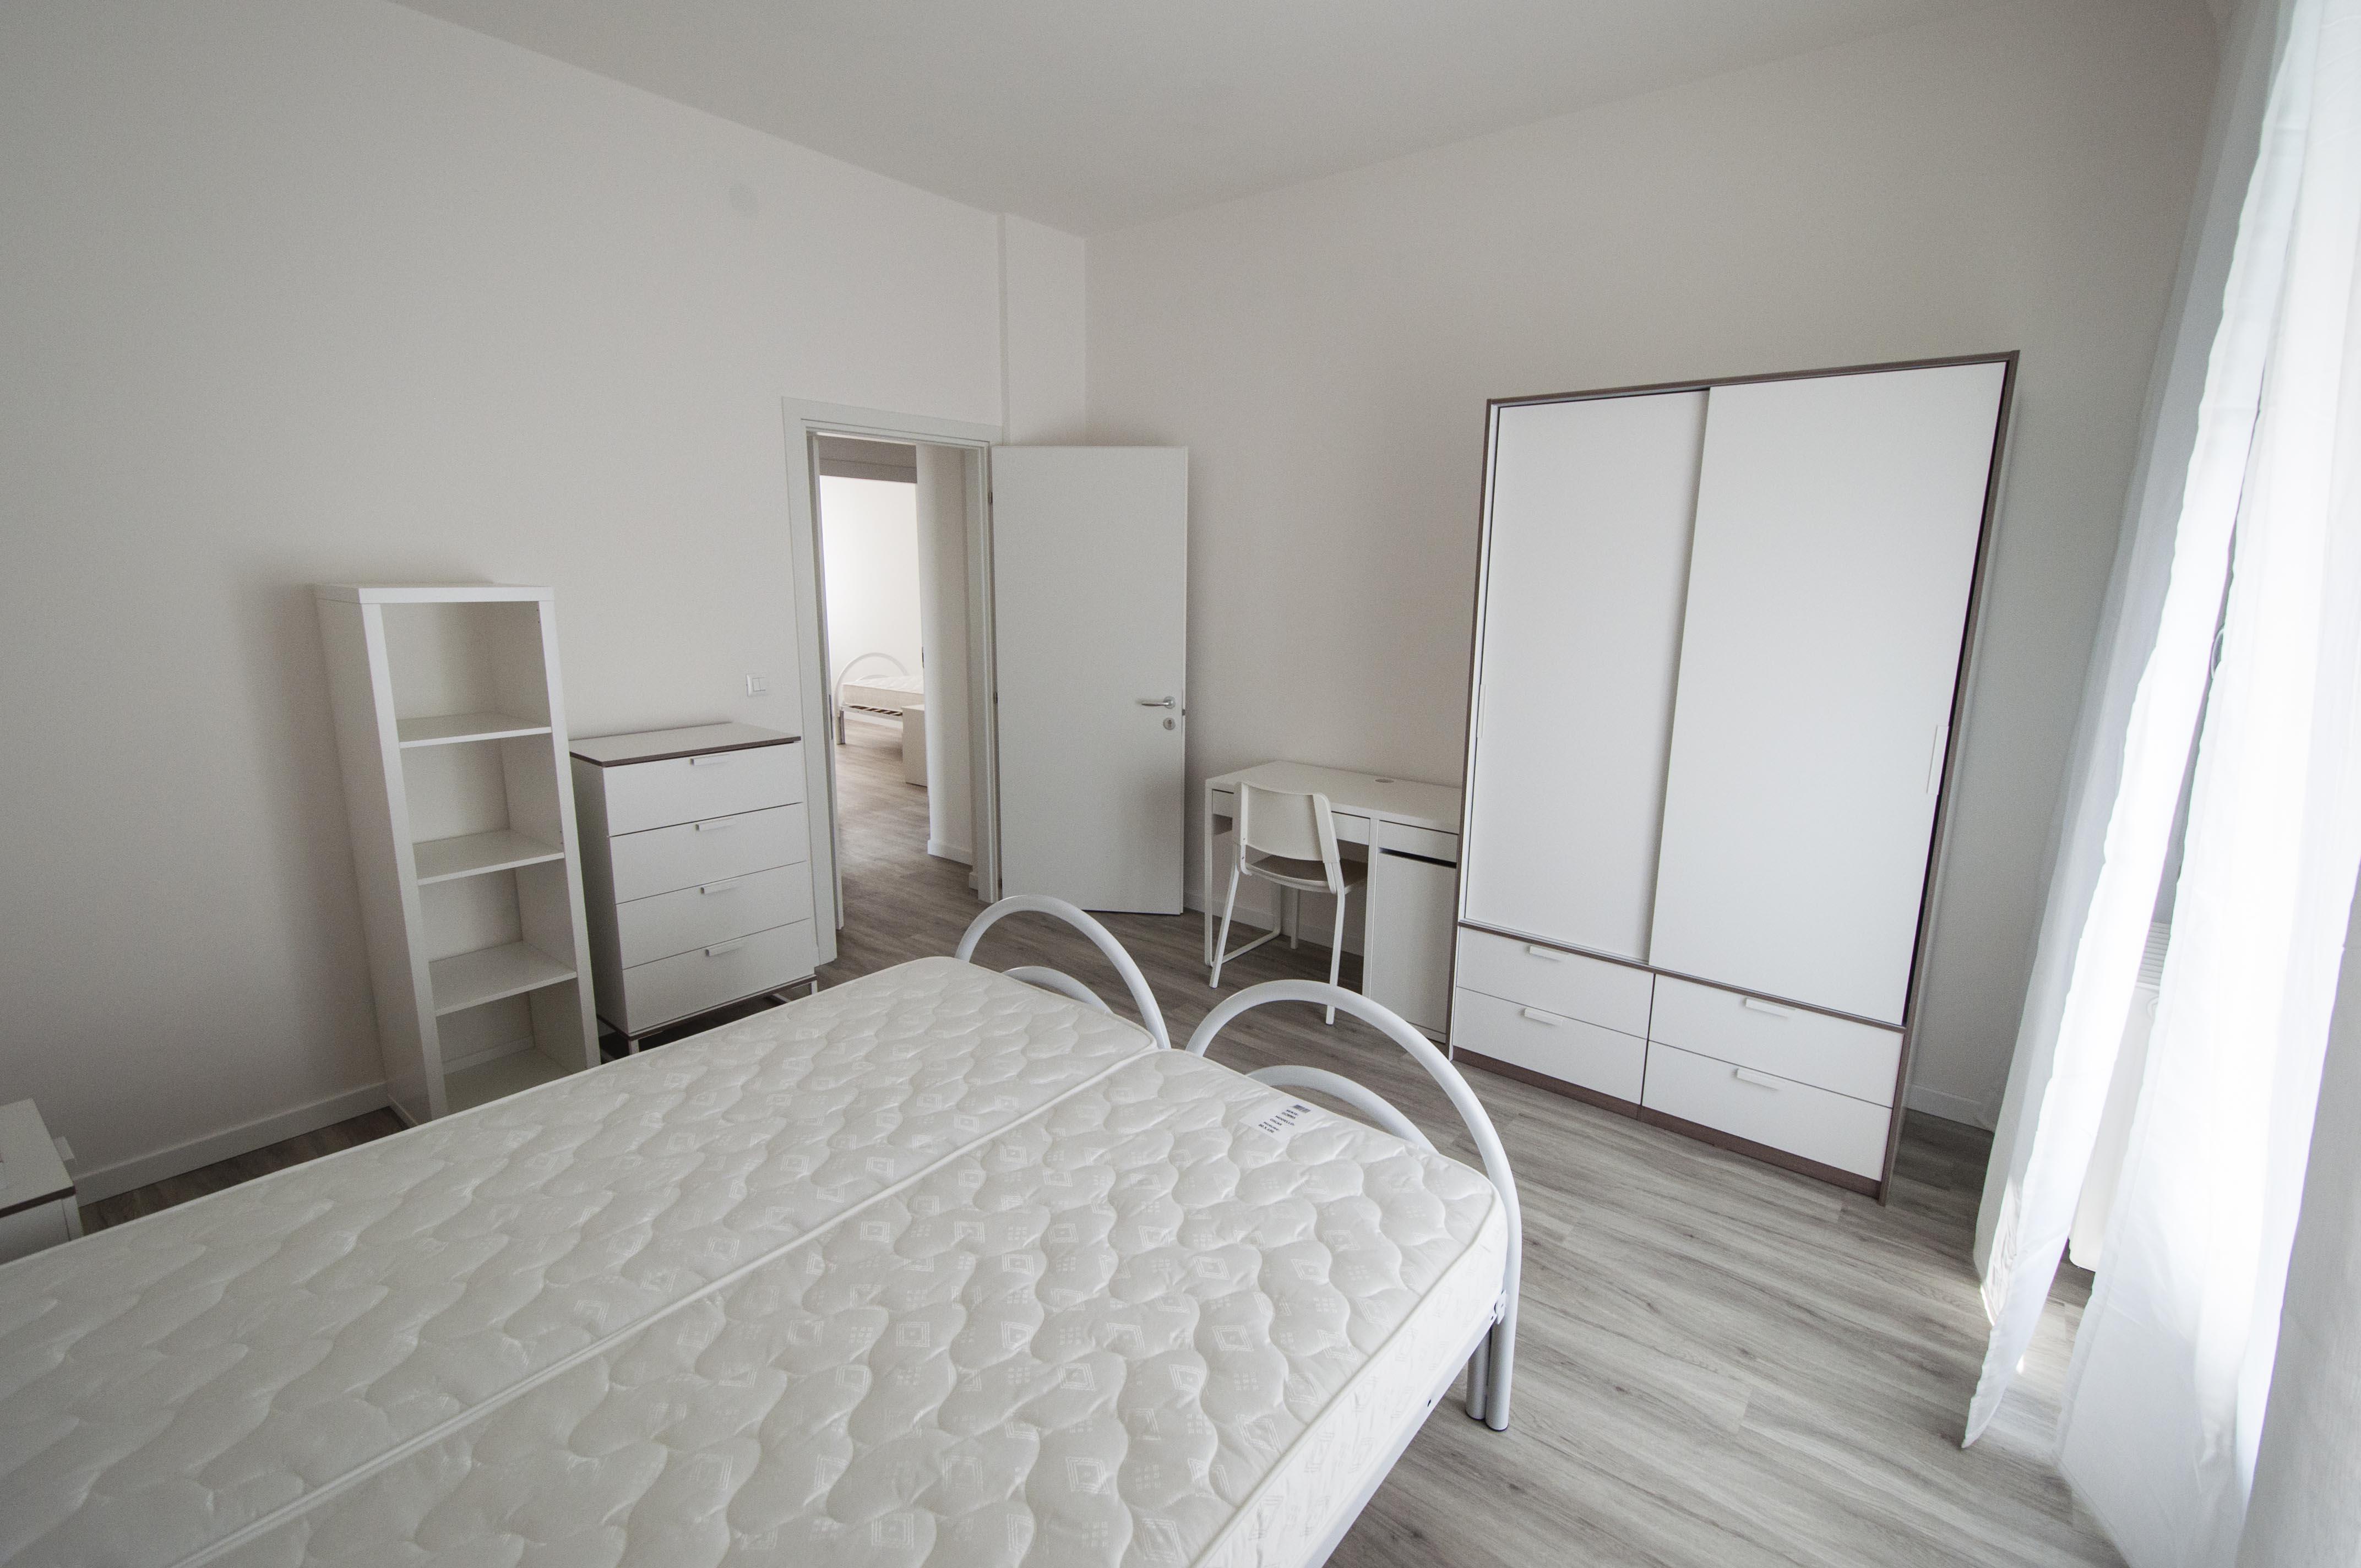 Camere in Affitto Treviso - Studio Architettura Zanatta 07